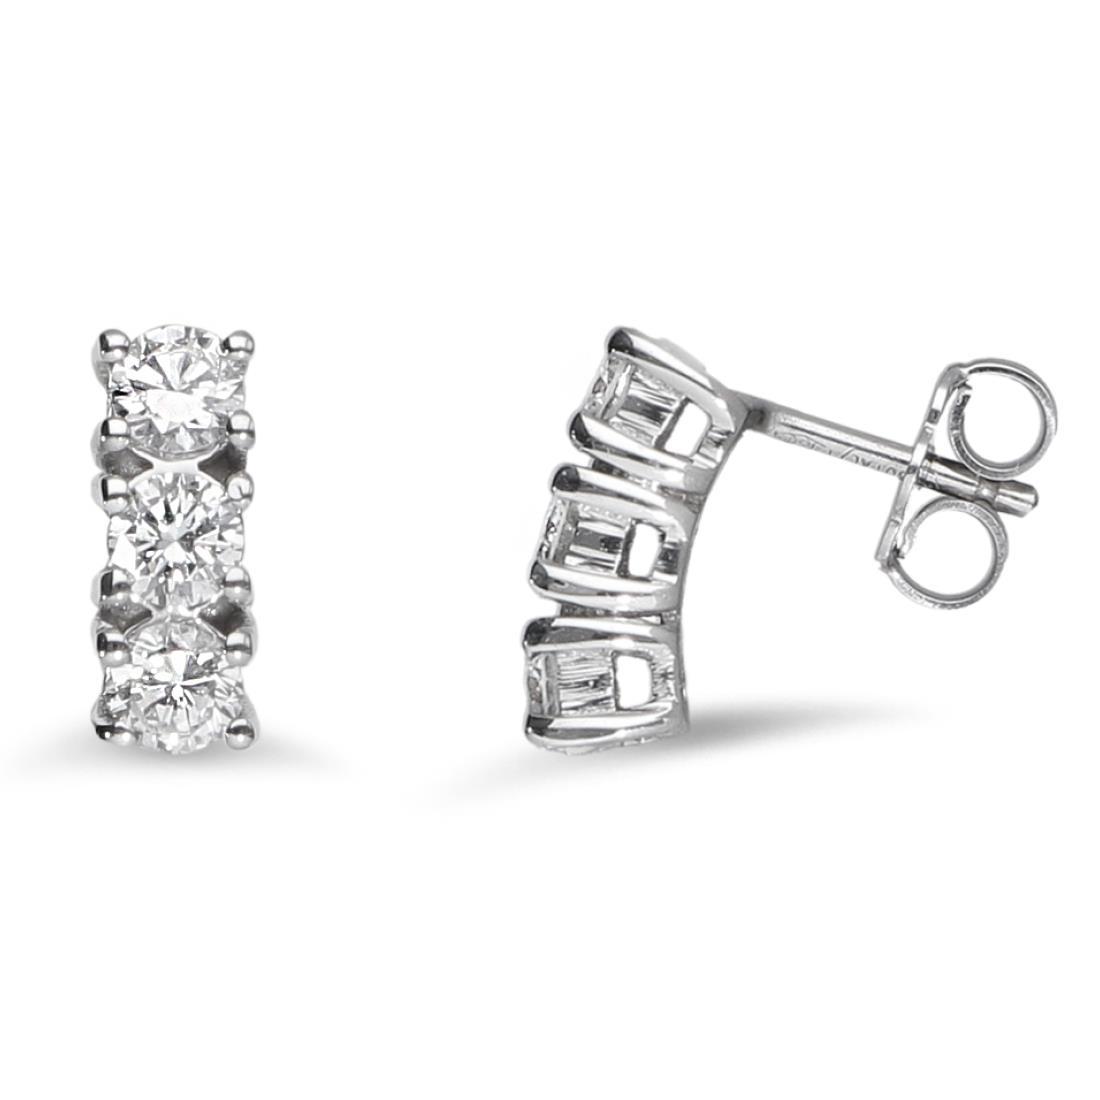 Orecchini trilogy con diamanti - ALFIERI & ST. JOHN